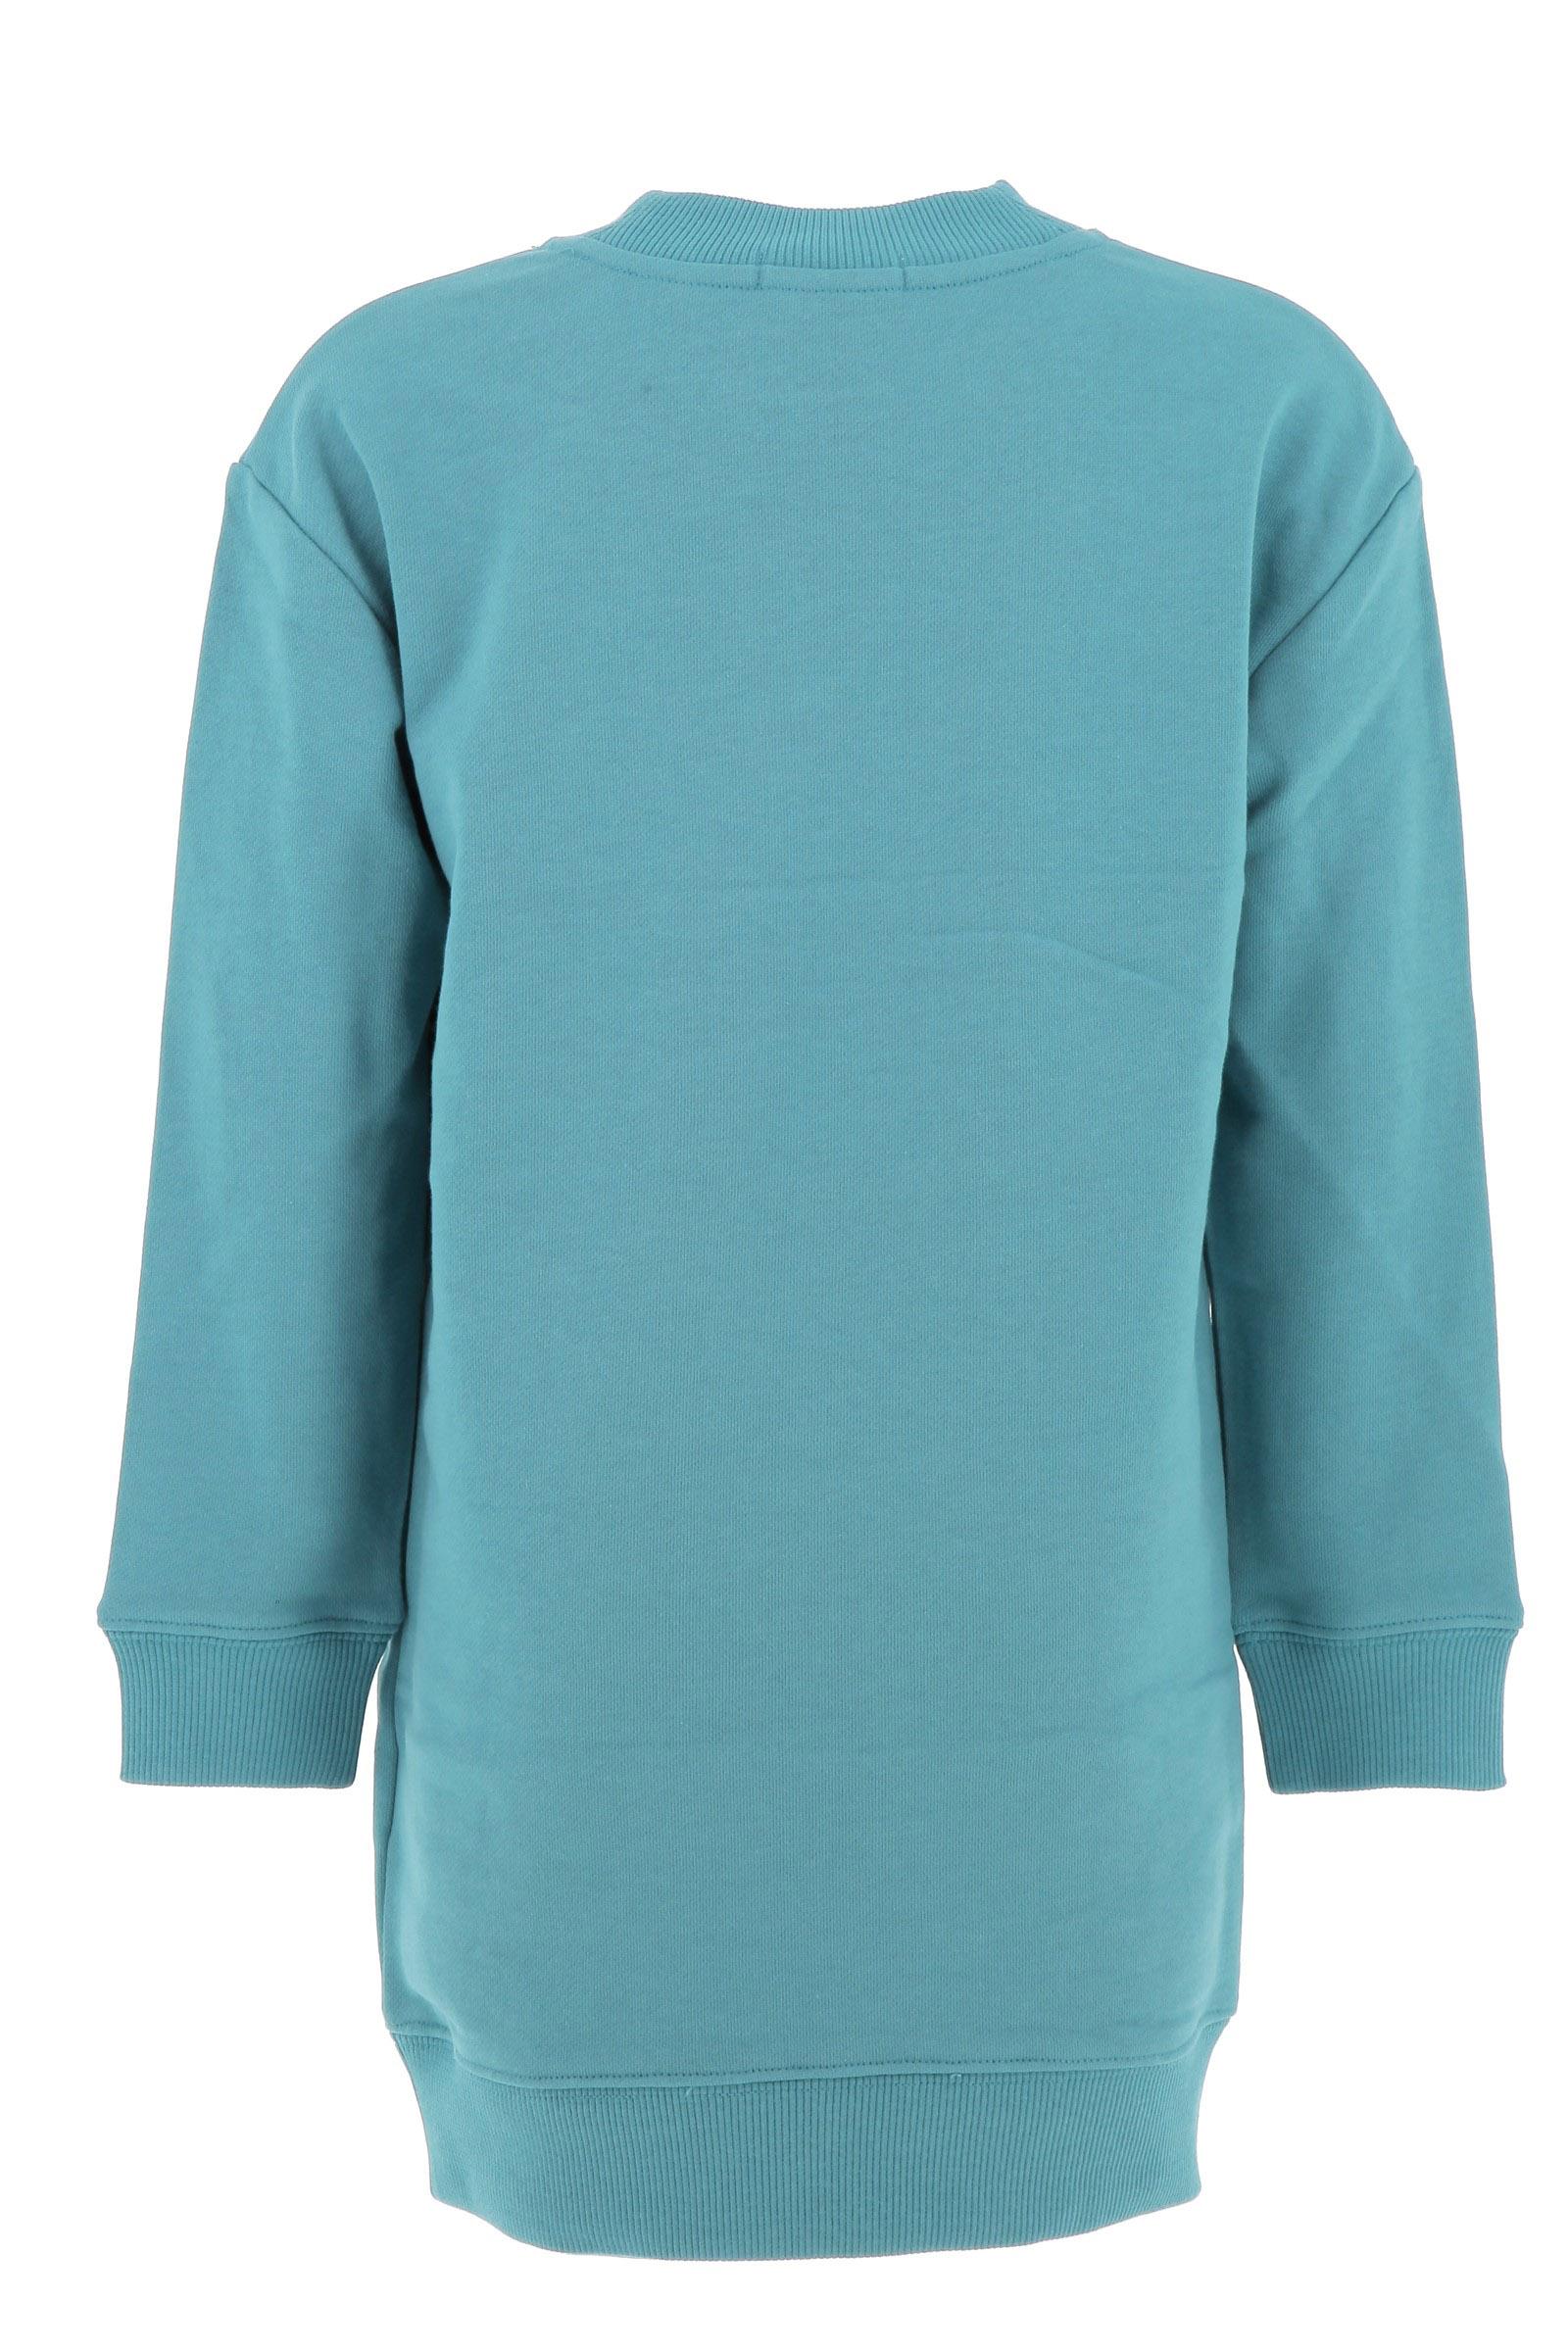 Sweatshirt dress CALVIN KLEIN   Informal dress   IG0IG00710CTM